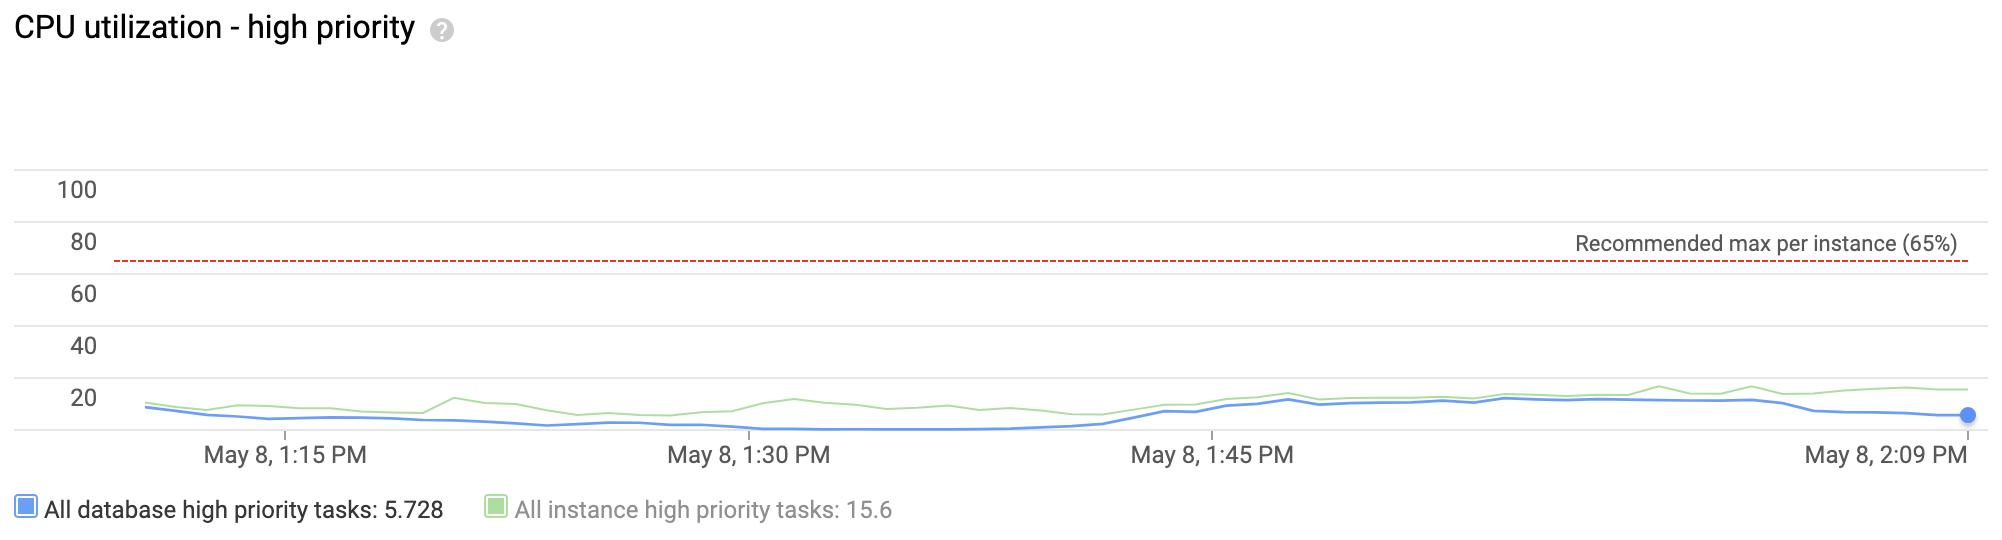 この折れ線グラフは、インスタンスの優先度の高いタスクが過去 1 時間に使用した CPU 量が少なく、安定していること表しています。